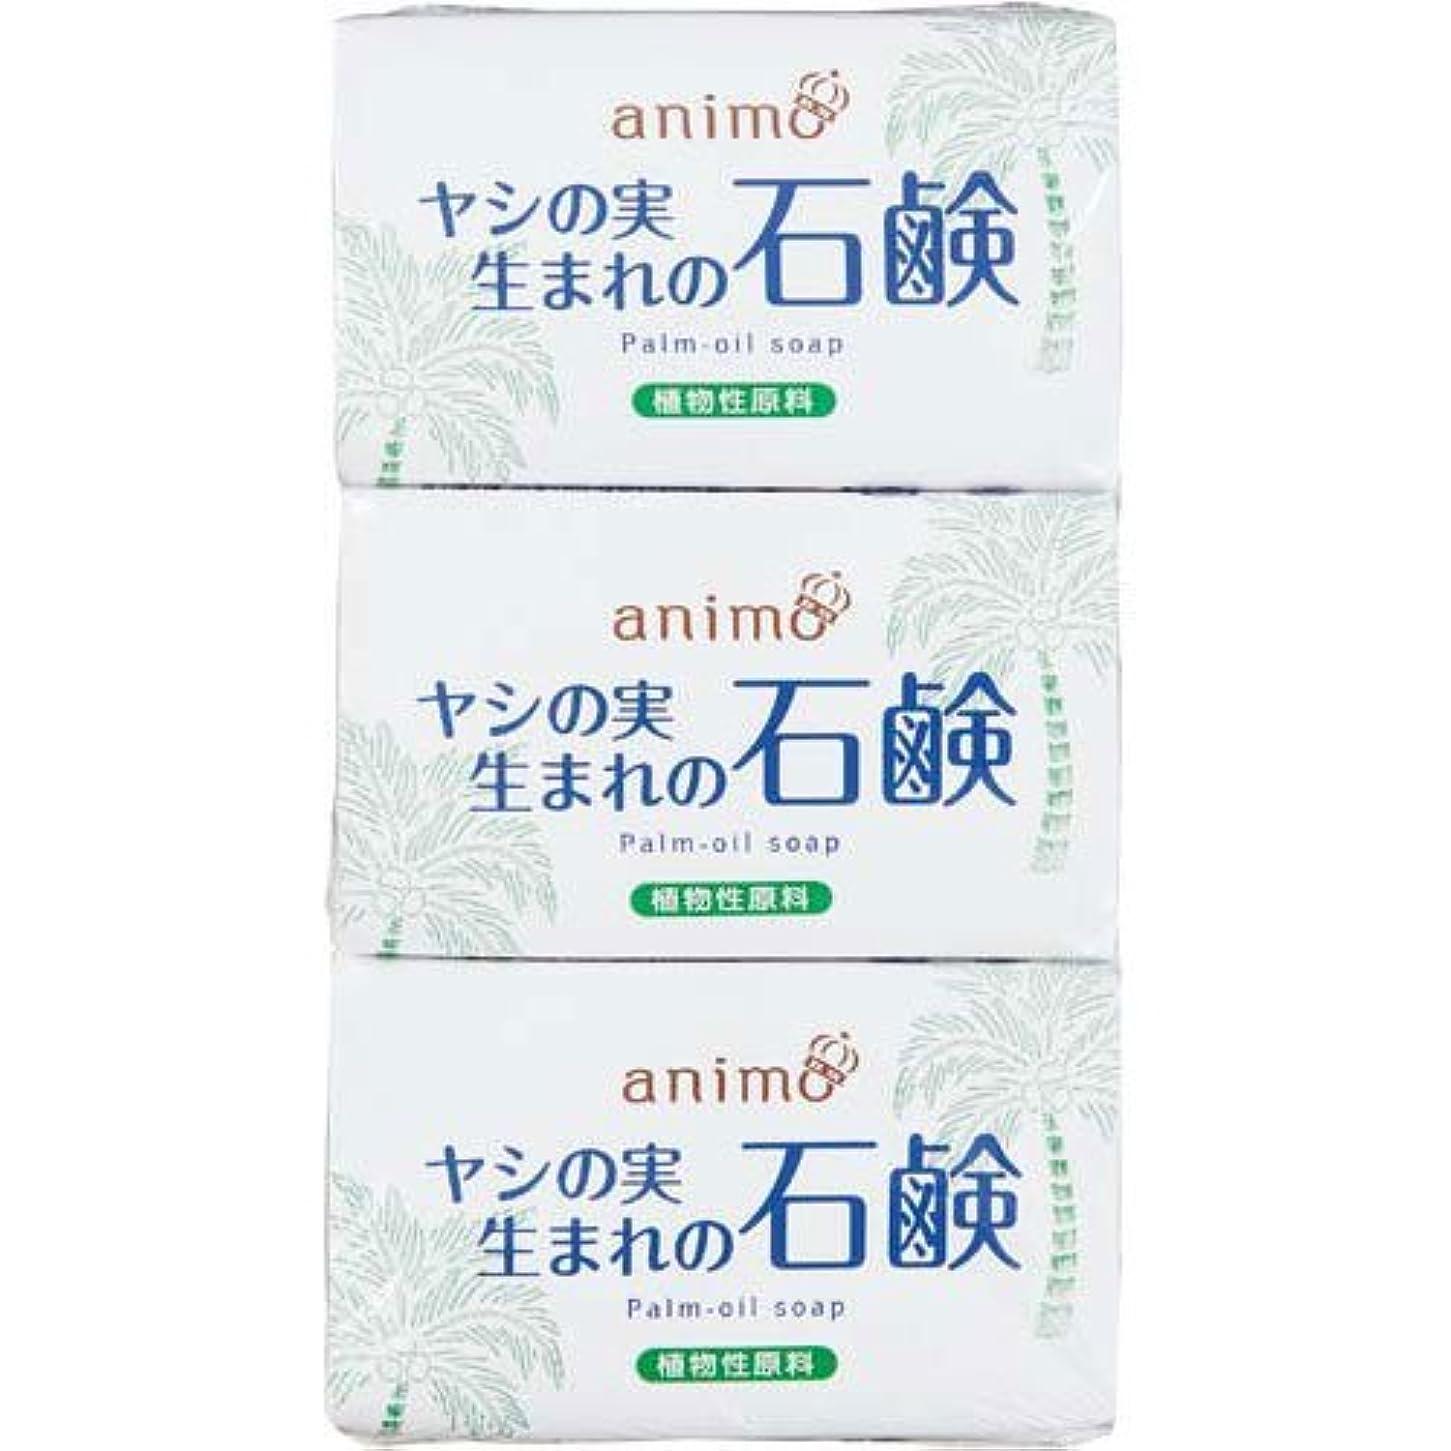 サンプルシャイニングポルノロケット石鹸 ヤシの実石鹸 80g×3個×5パック